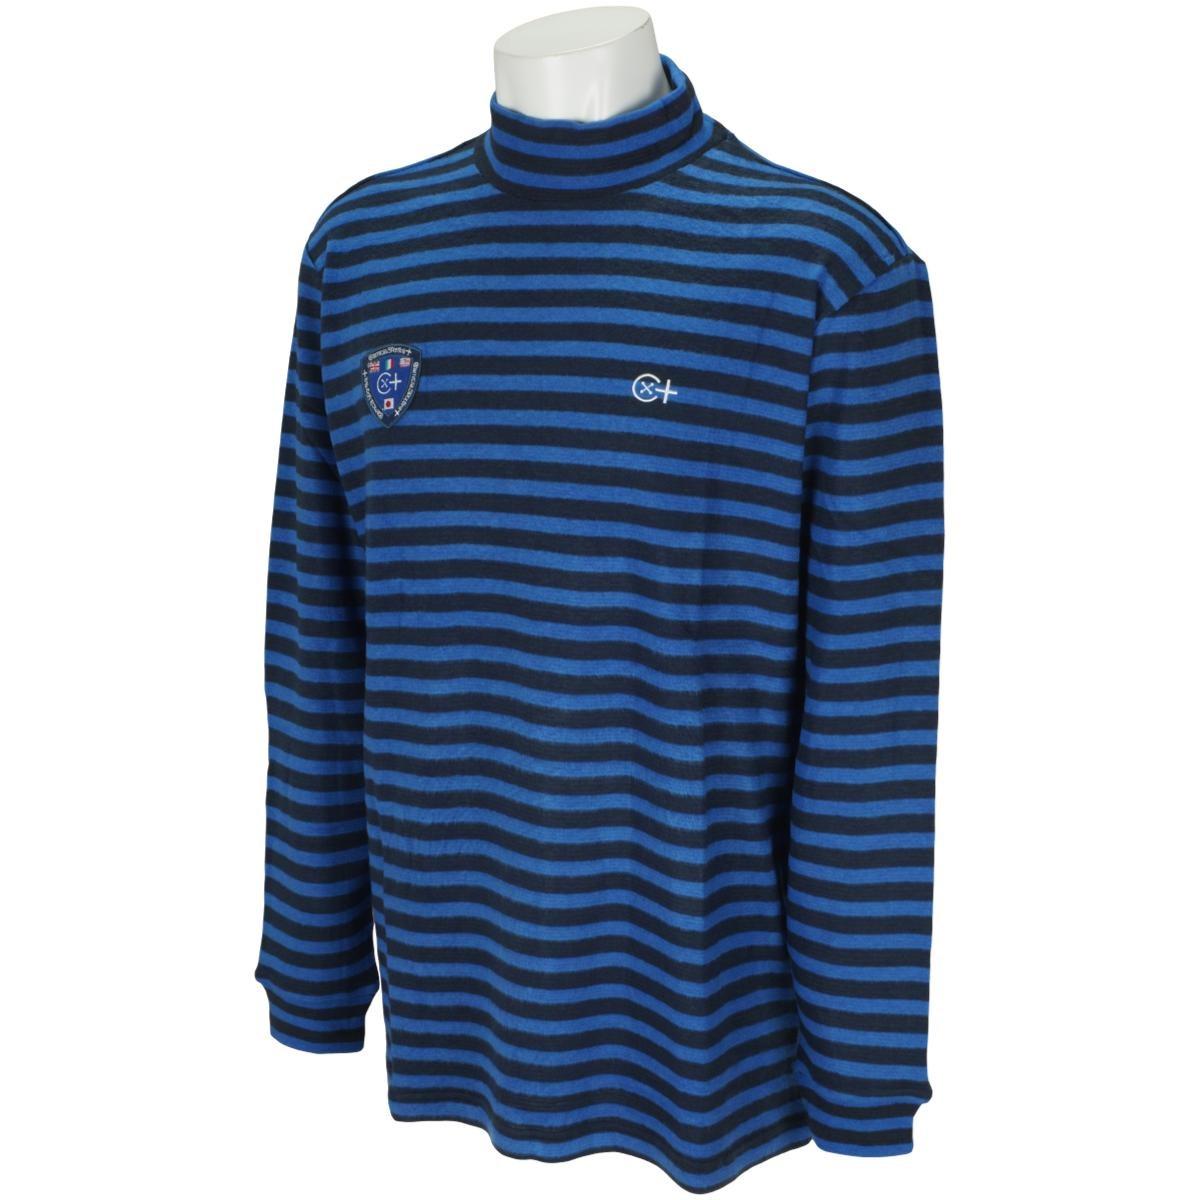 カミーチャスポルティーバプラス Camicia Sportiva+ 起毛ボーダー長袖モックネックシャツ 50 ブルー